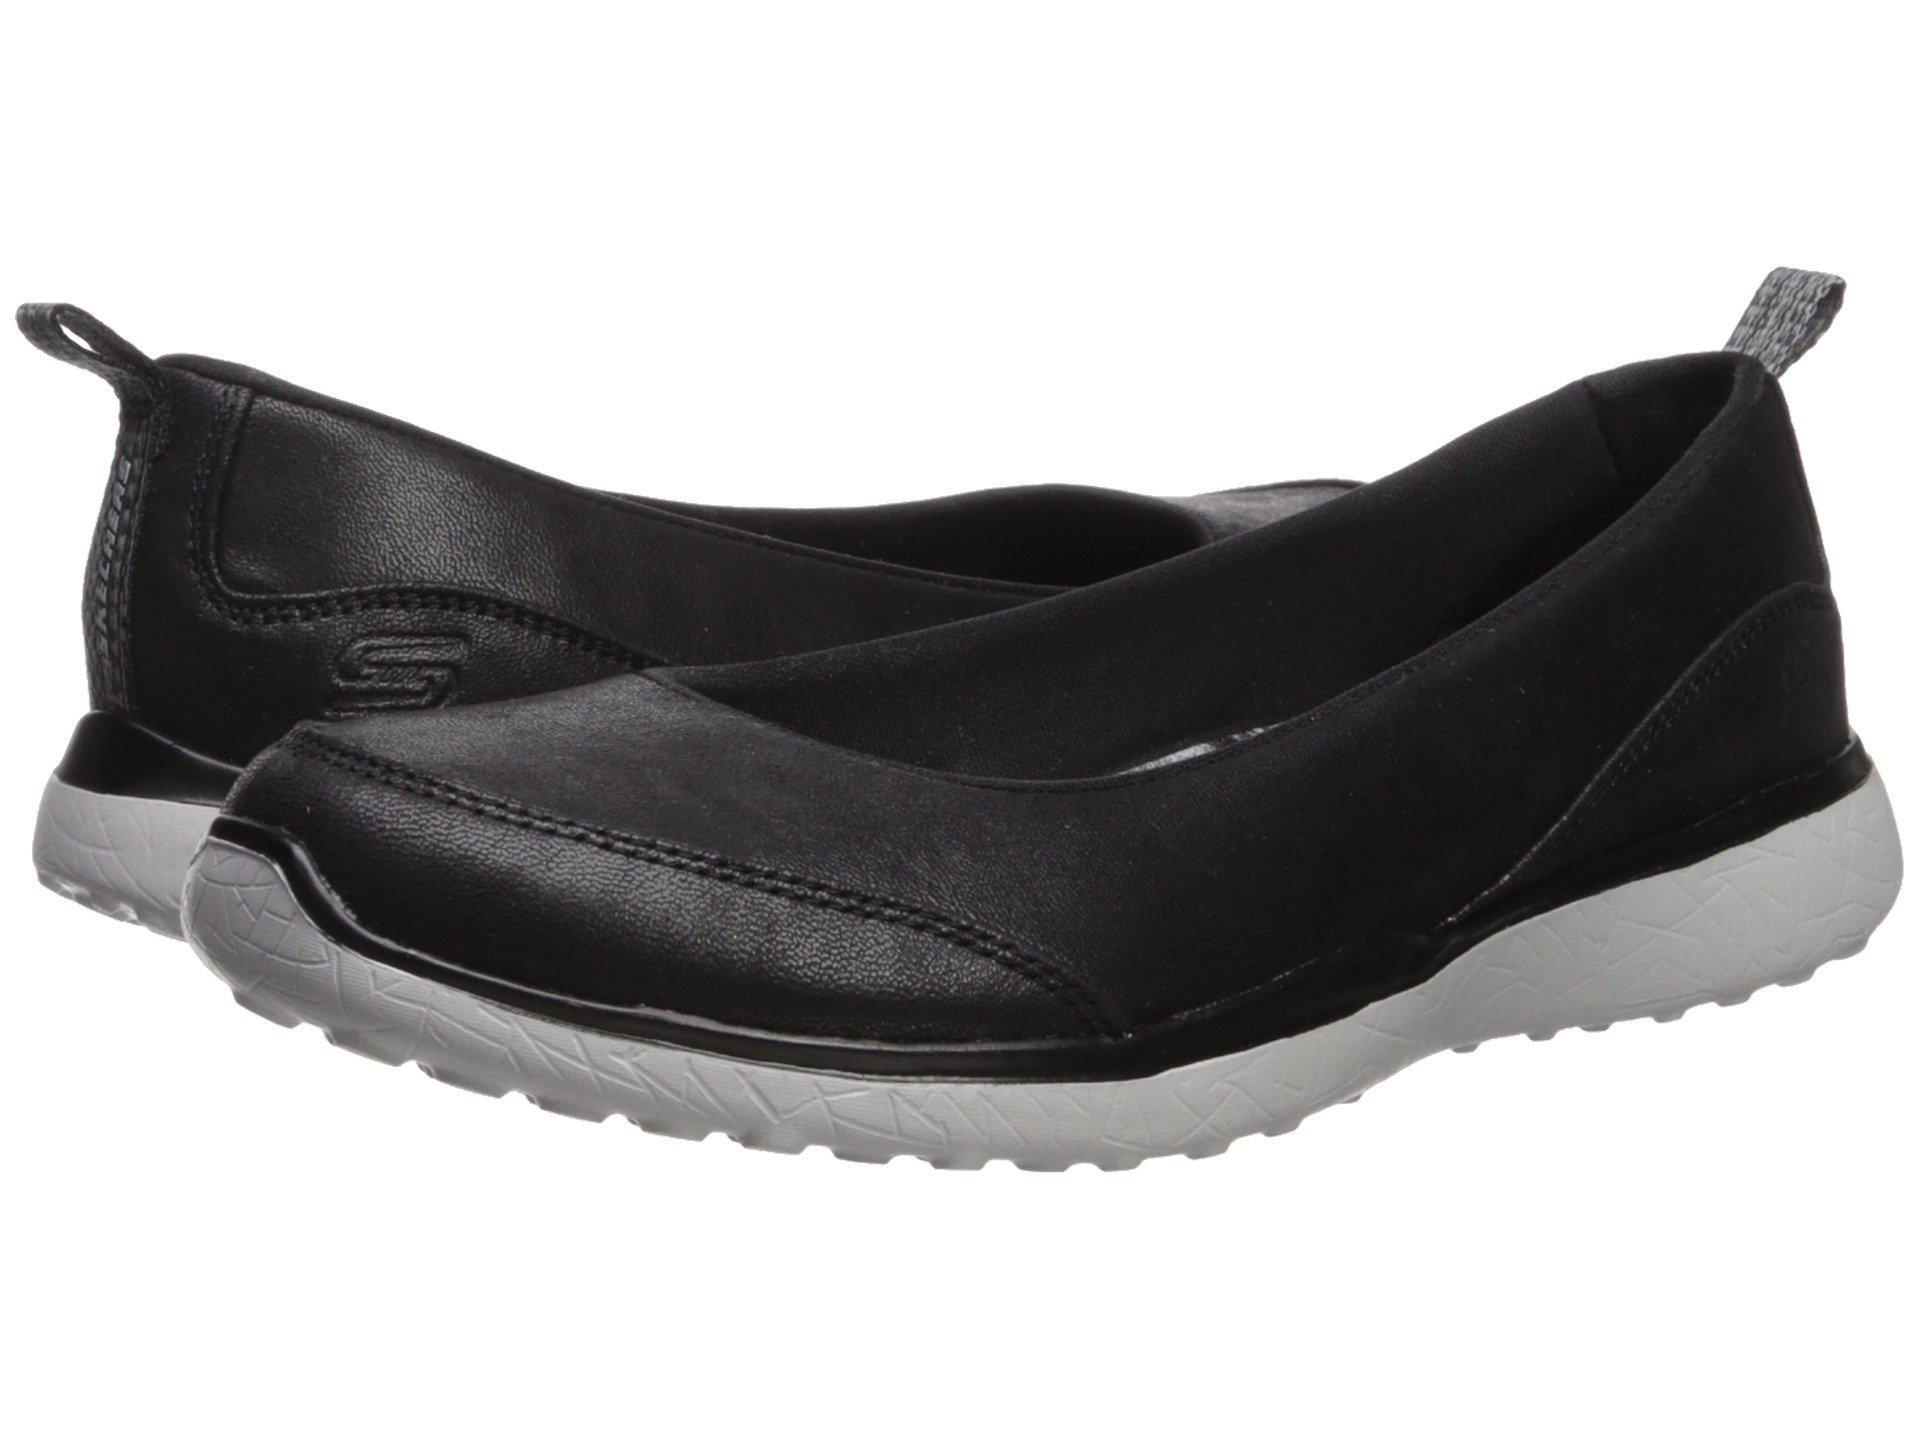 6fef0c9e1b5f Lyst - Skechers Microburst - Lightness in Black